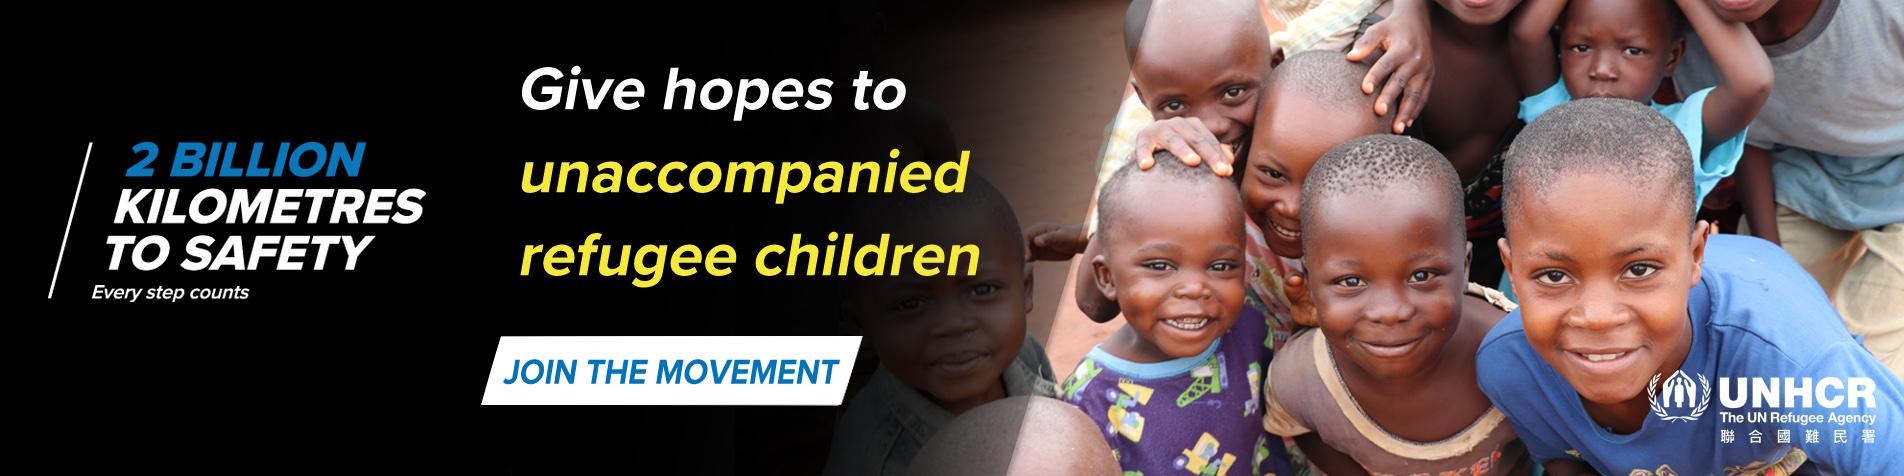 """FringeBacker Fundraiser UNHCR : """"2 BILLION KILOMETRES TO SAFETY"""" for refugee children"""